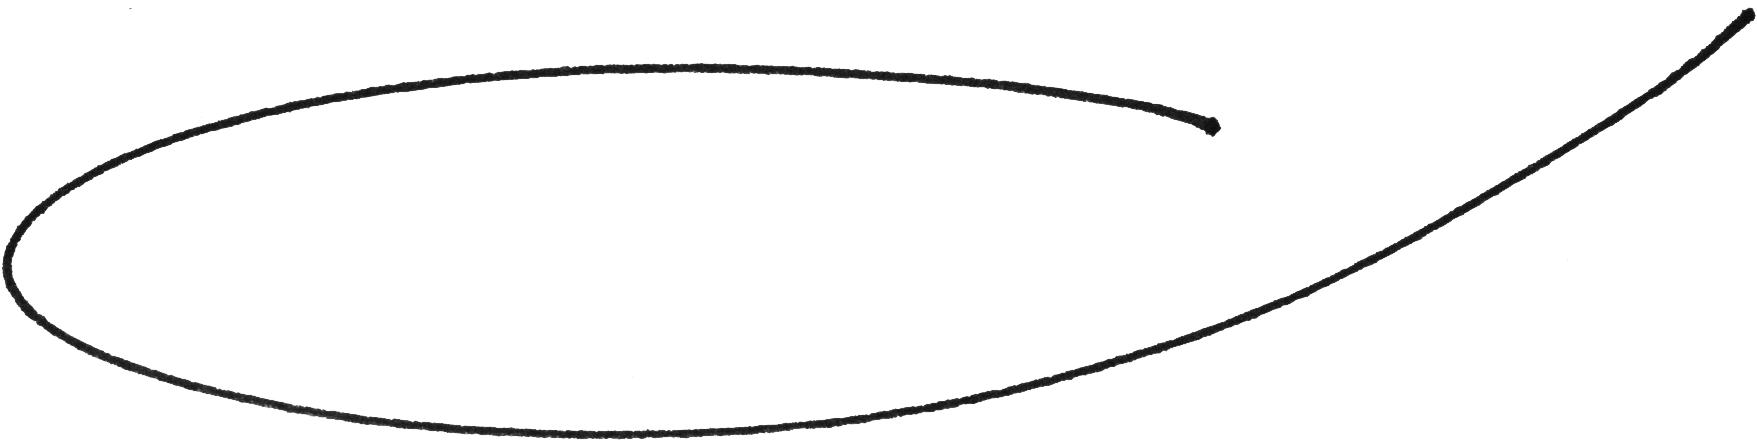 handtekening sastre